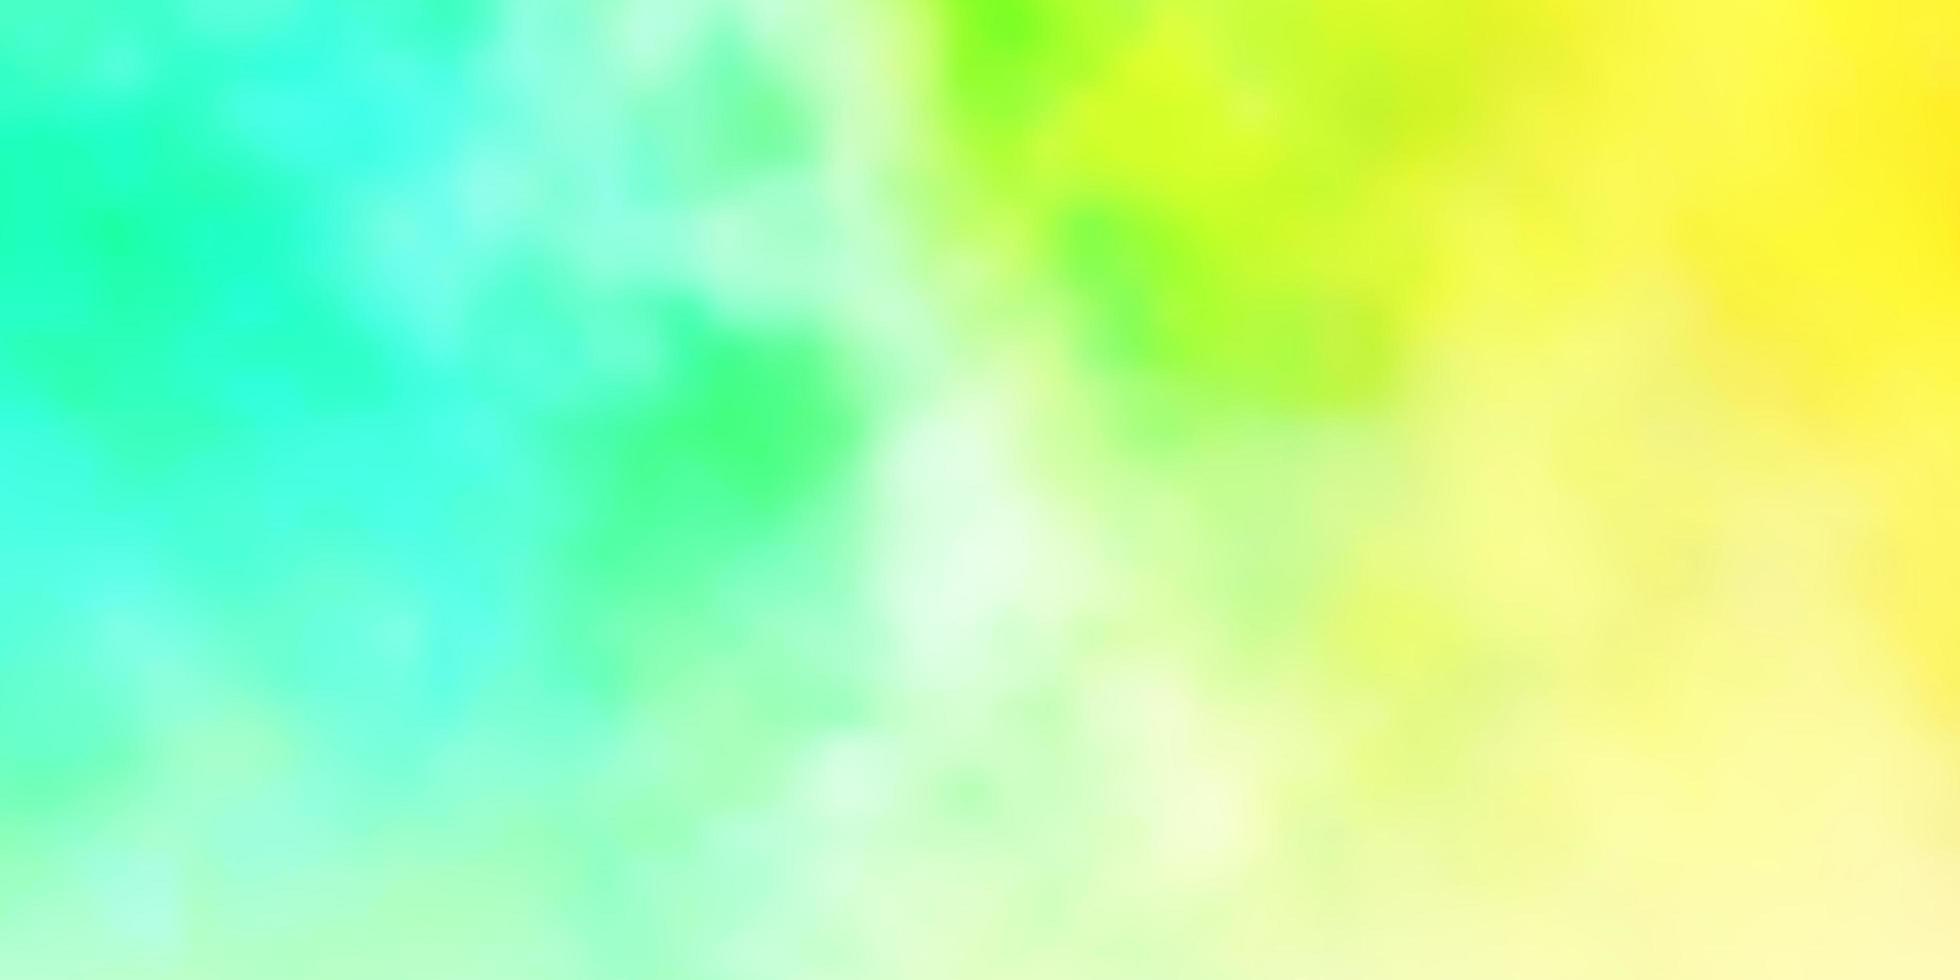 layout vettoriale verde chiaro, giallo con annuvolato.